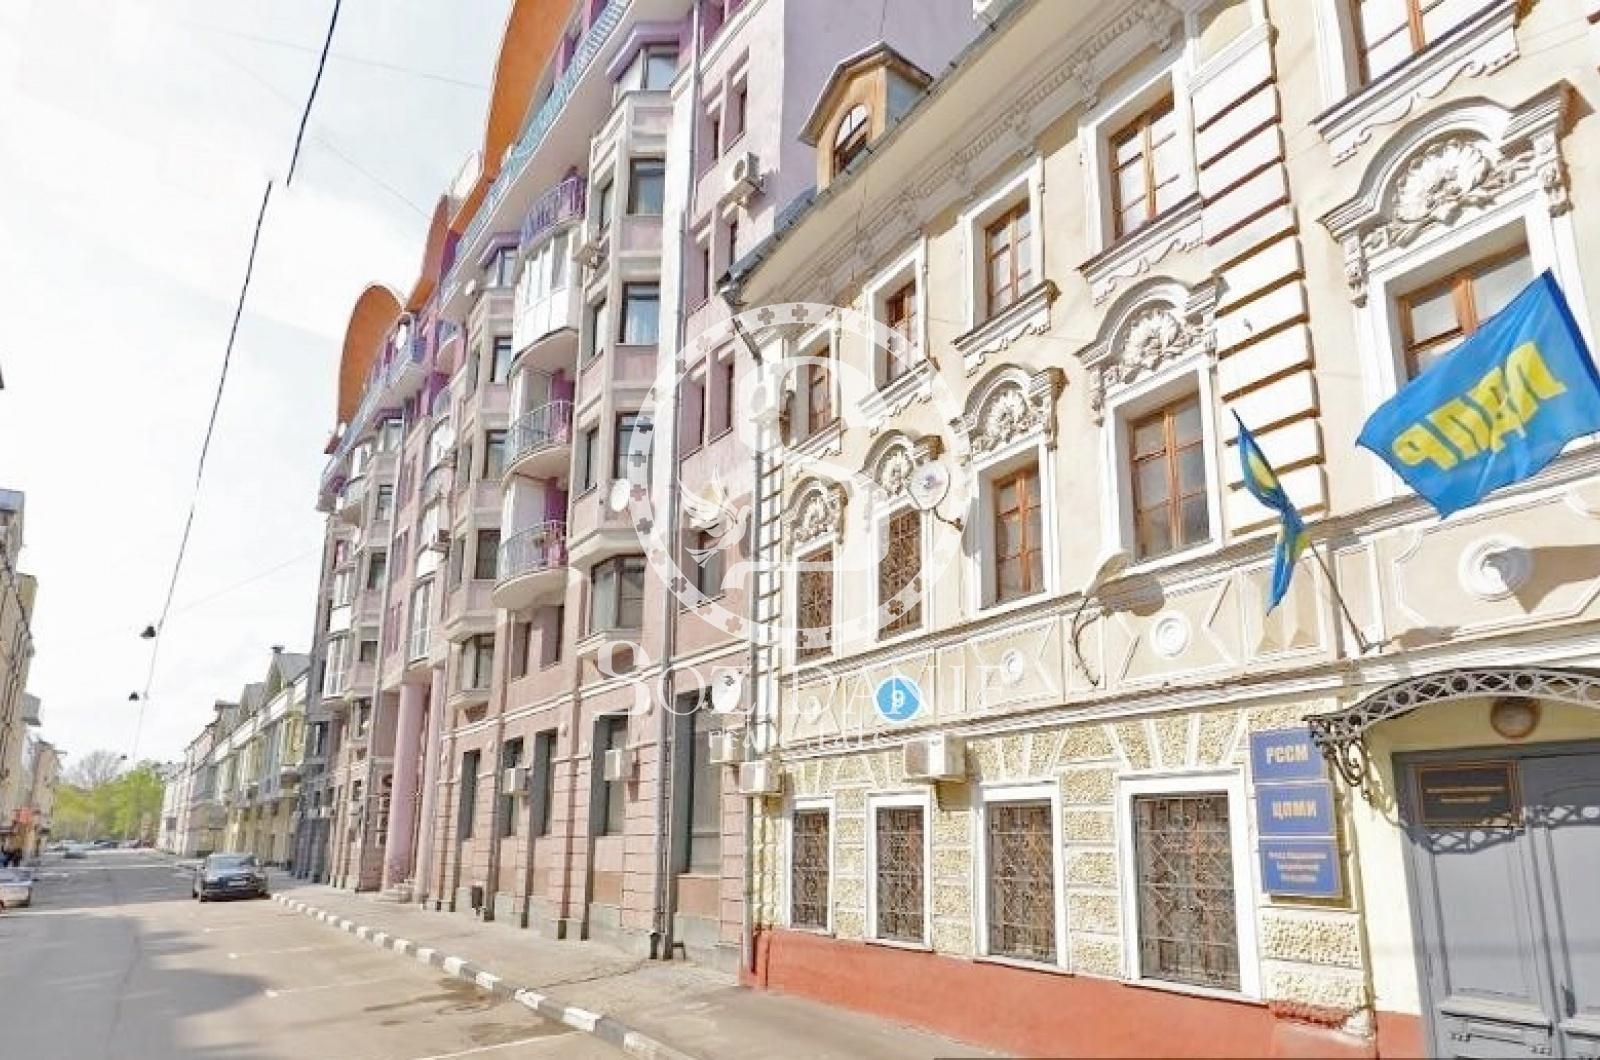 6 Комнаты, Городская, Аренда, Луков переулок, Listing ID 3593, Москва, Россия,